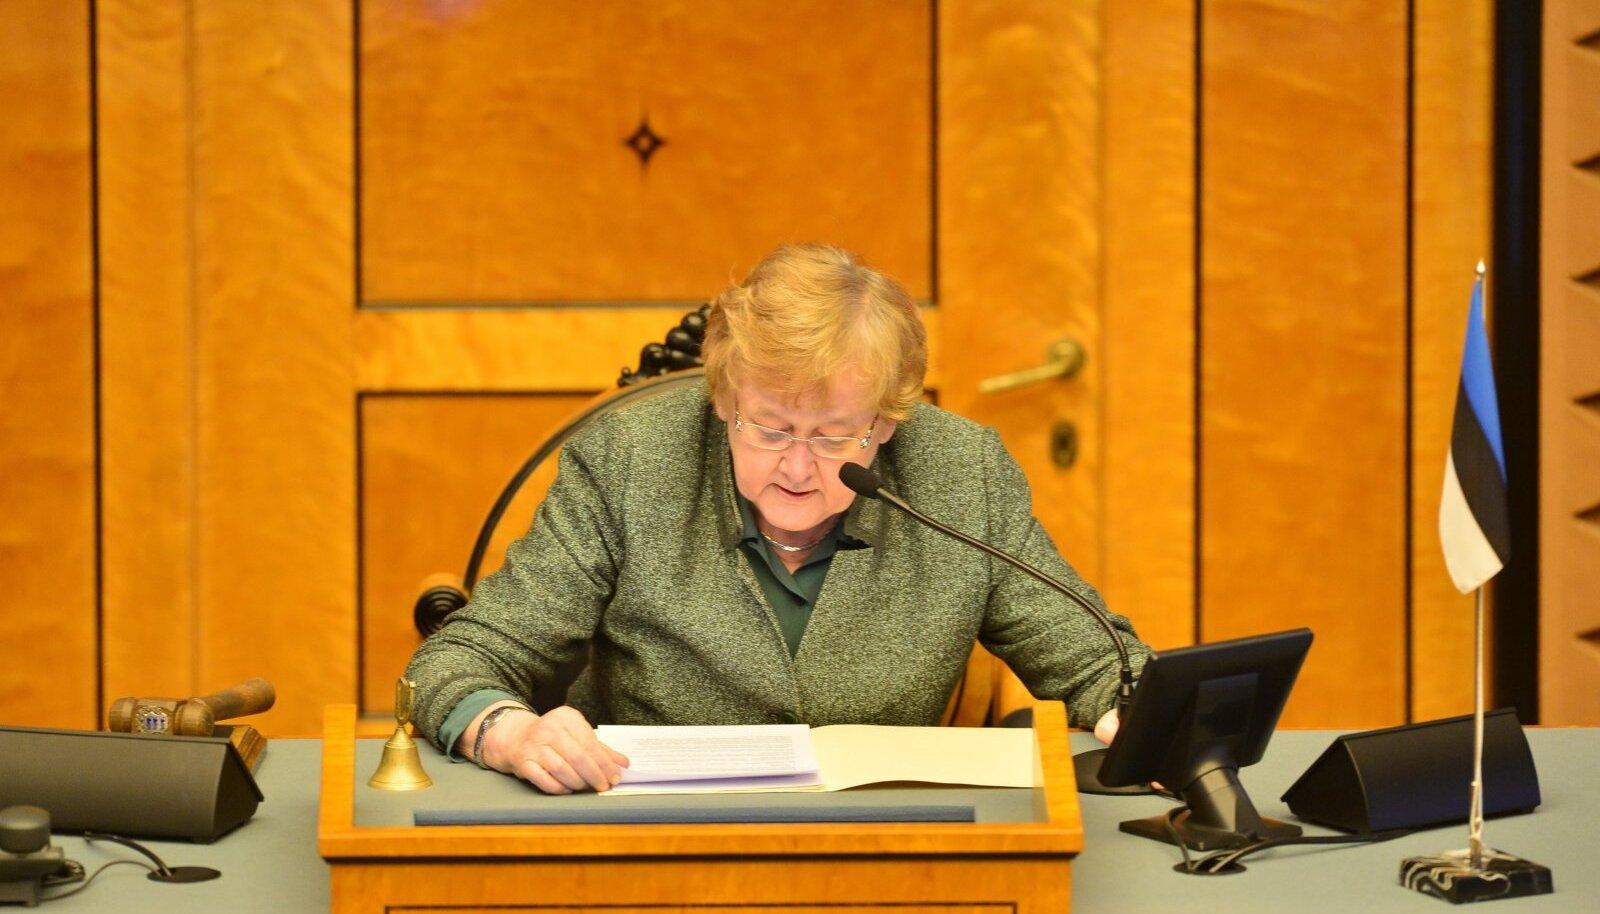 Kui akadeemik Ene Ergma oli riigikogu esimees, suhtus ta väga tõrjuvalt esinaise tiitlisse,